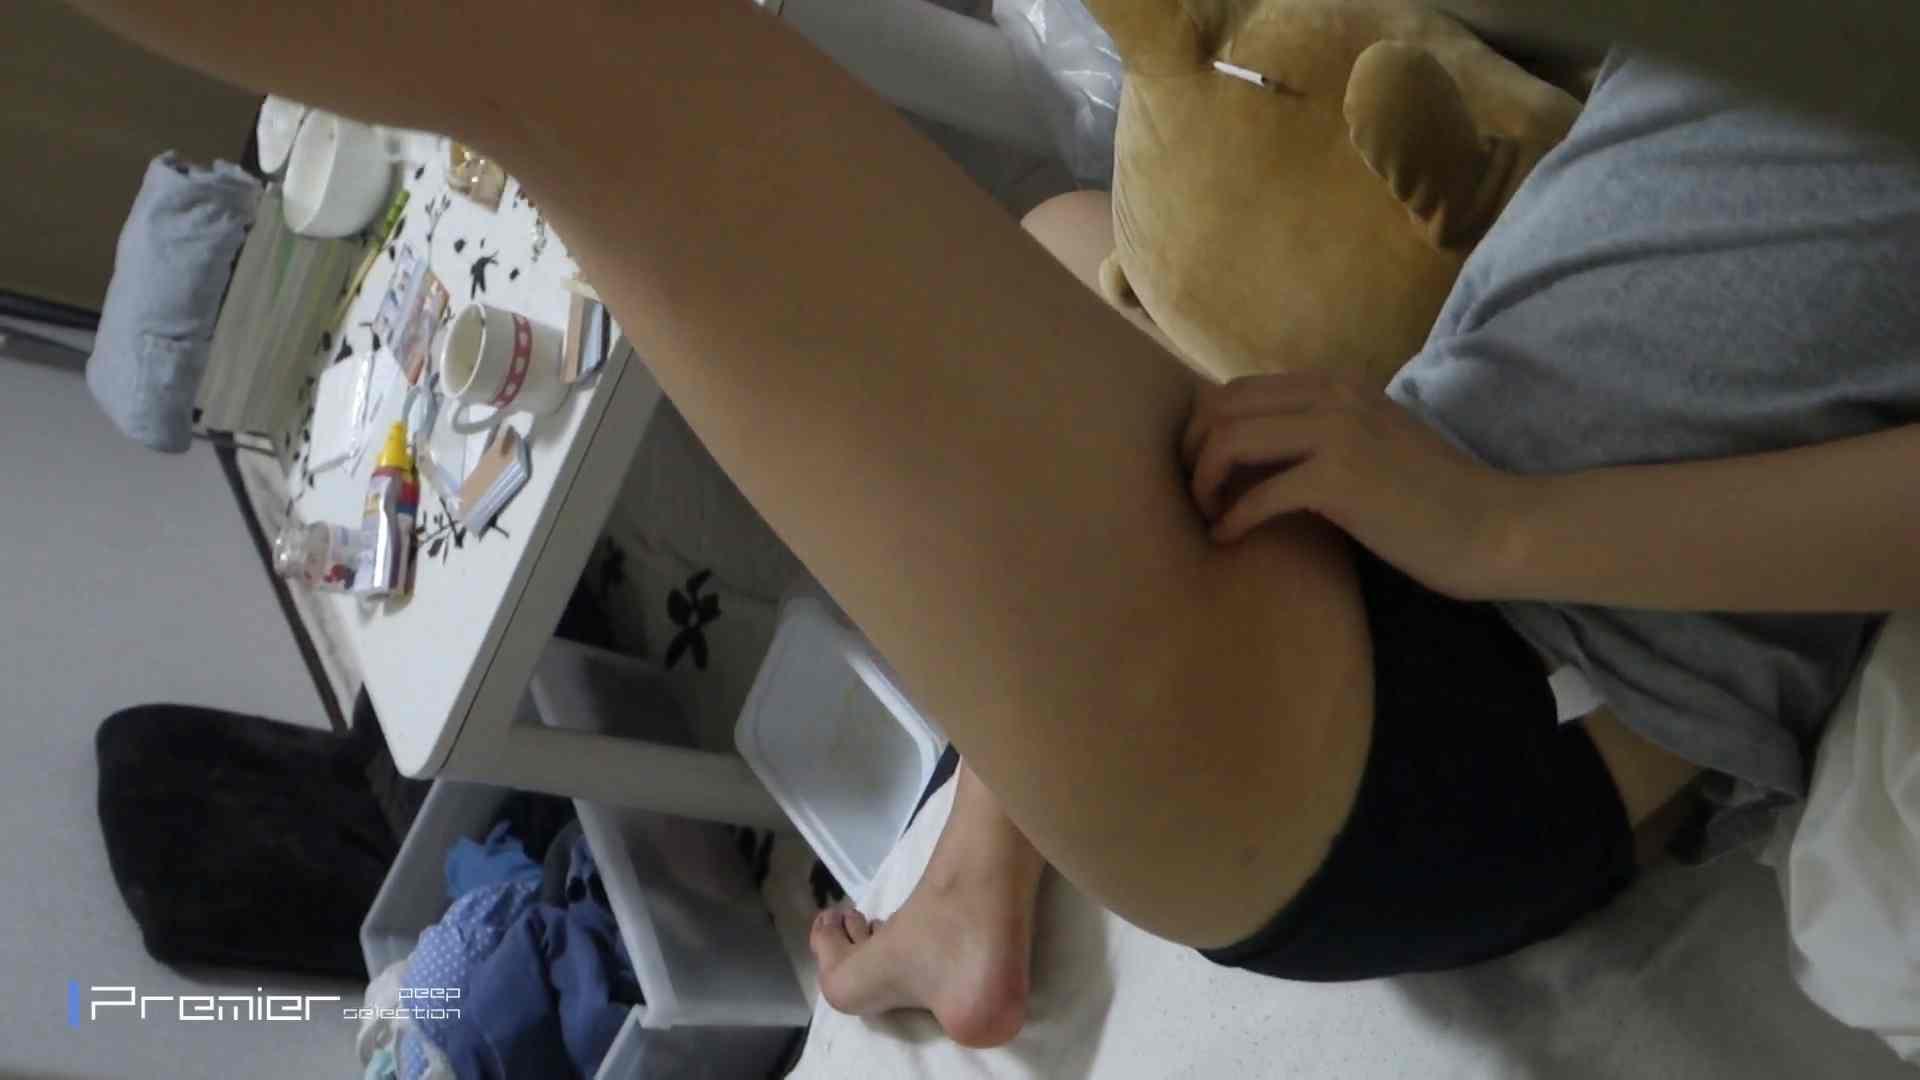 美女たちの日常を観察 美女達の私生活に潜入! 美乳 AV動画キャプチャ 109画像 8